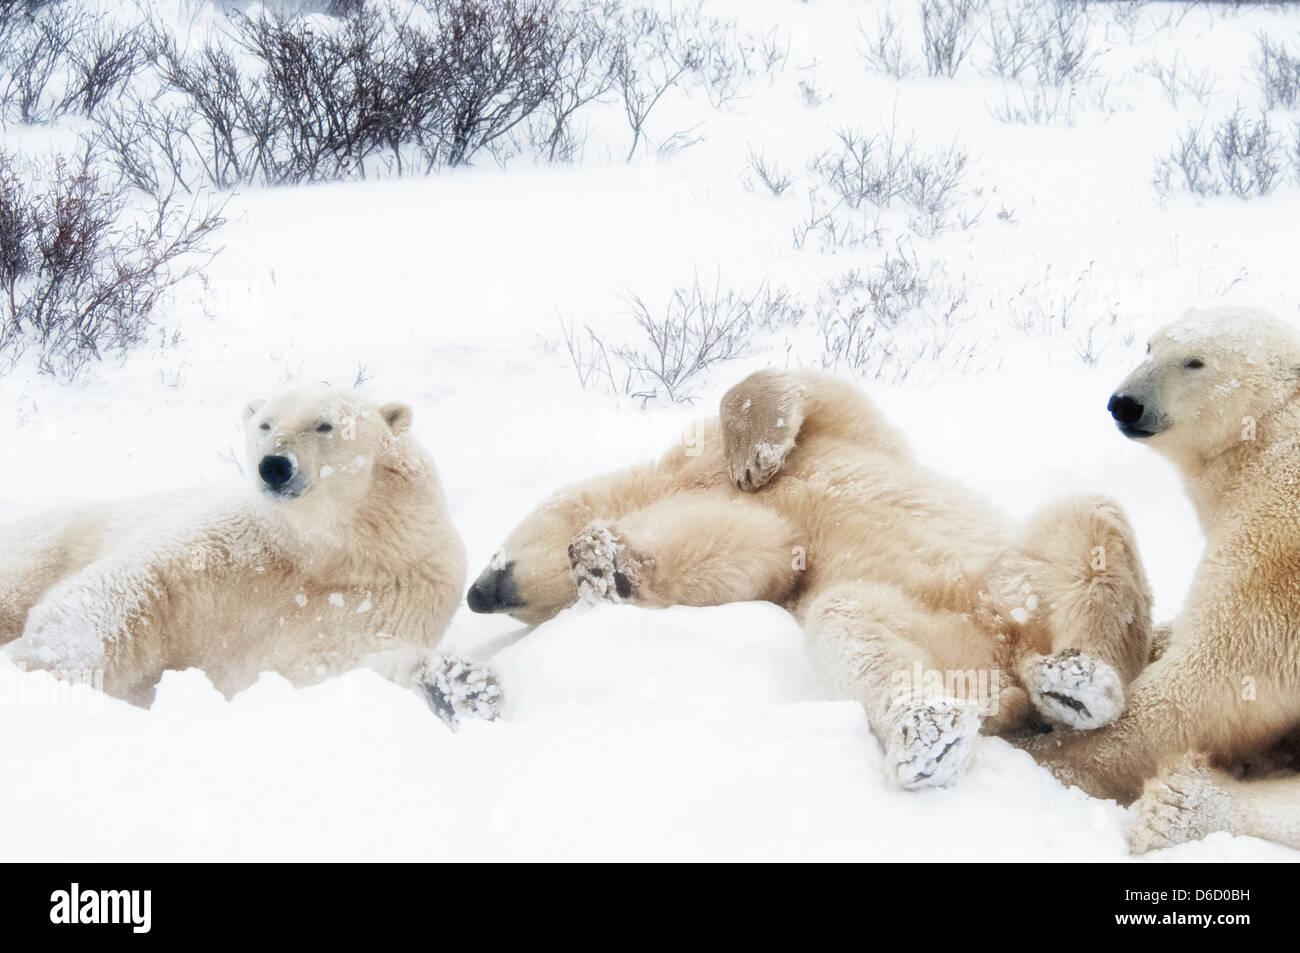 Tres jóvenes de osos polares, Ursus maritimus, rondando juntos, cerca del Parque Nacional Wapusk Hudson Churchill, Manitoba, Canadá Foto de stock